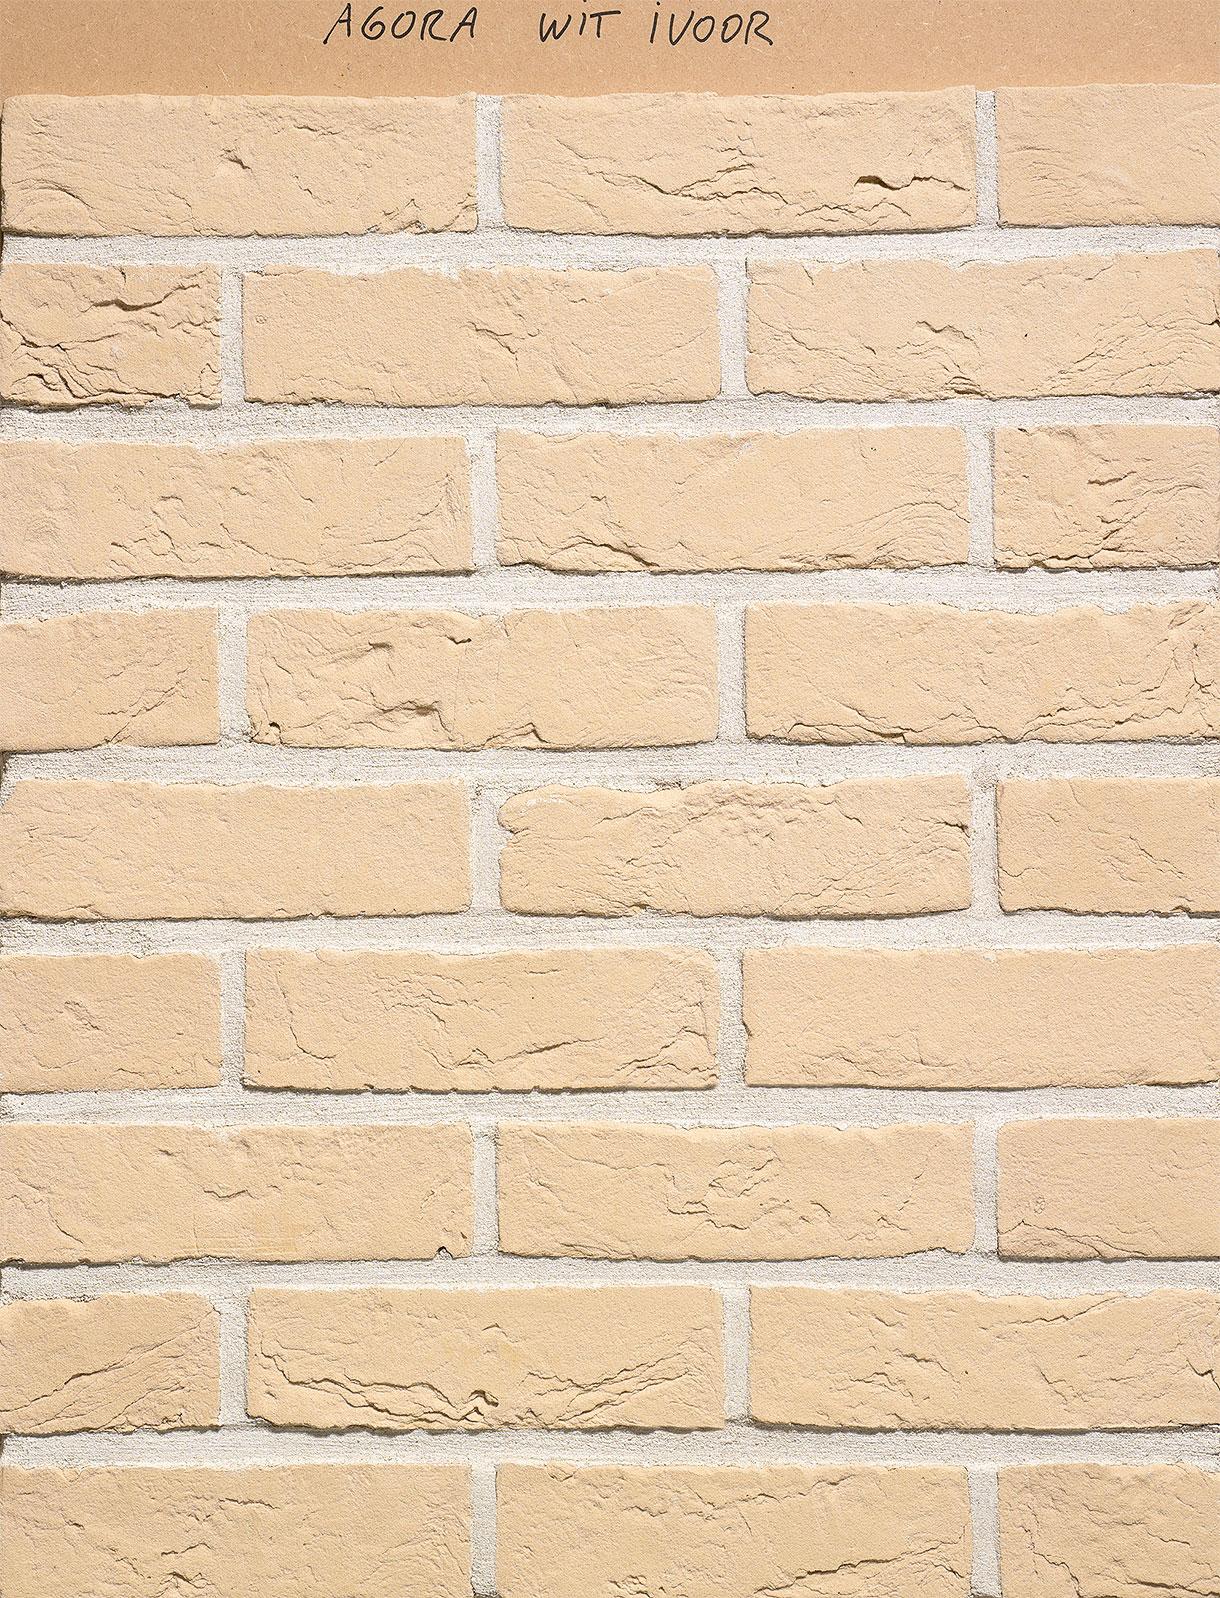 dital-soluciones-wienerberger-brick-coleccion-agora-wit-ivoor_001